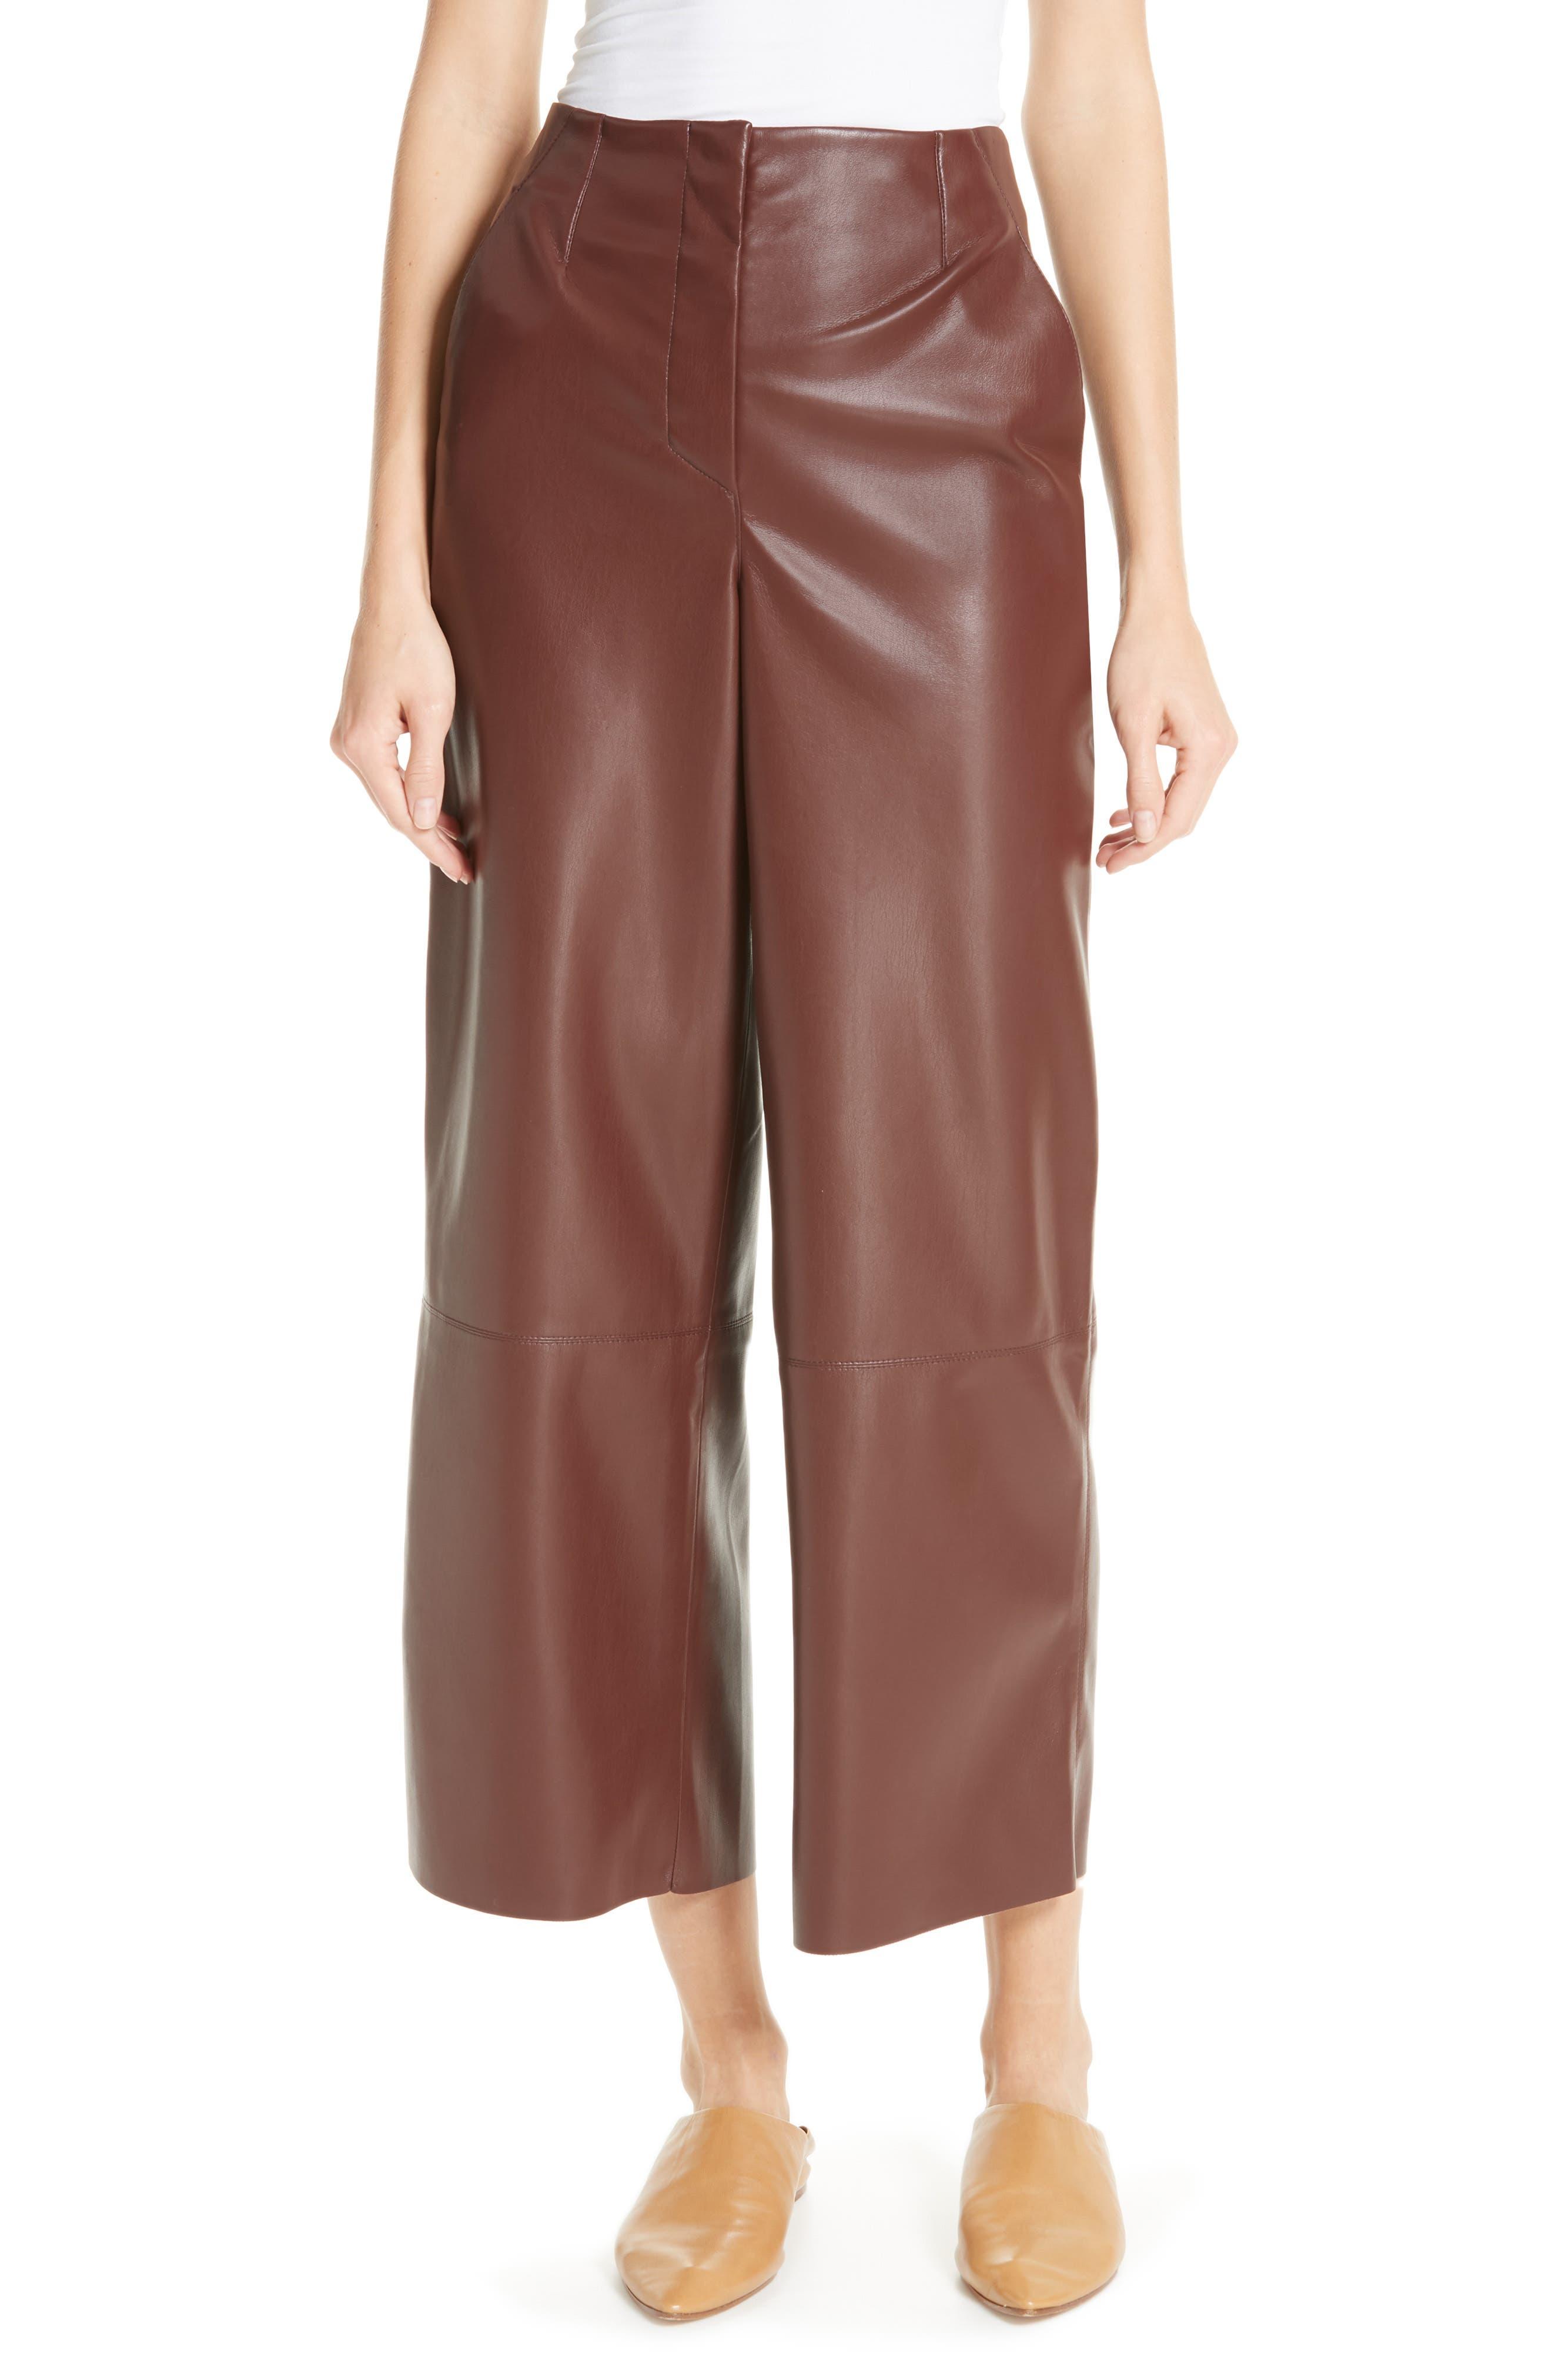 Africa Faux Leather Wide Leg Crop Pants,                             Main thumbnail 1, color,                             509